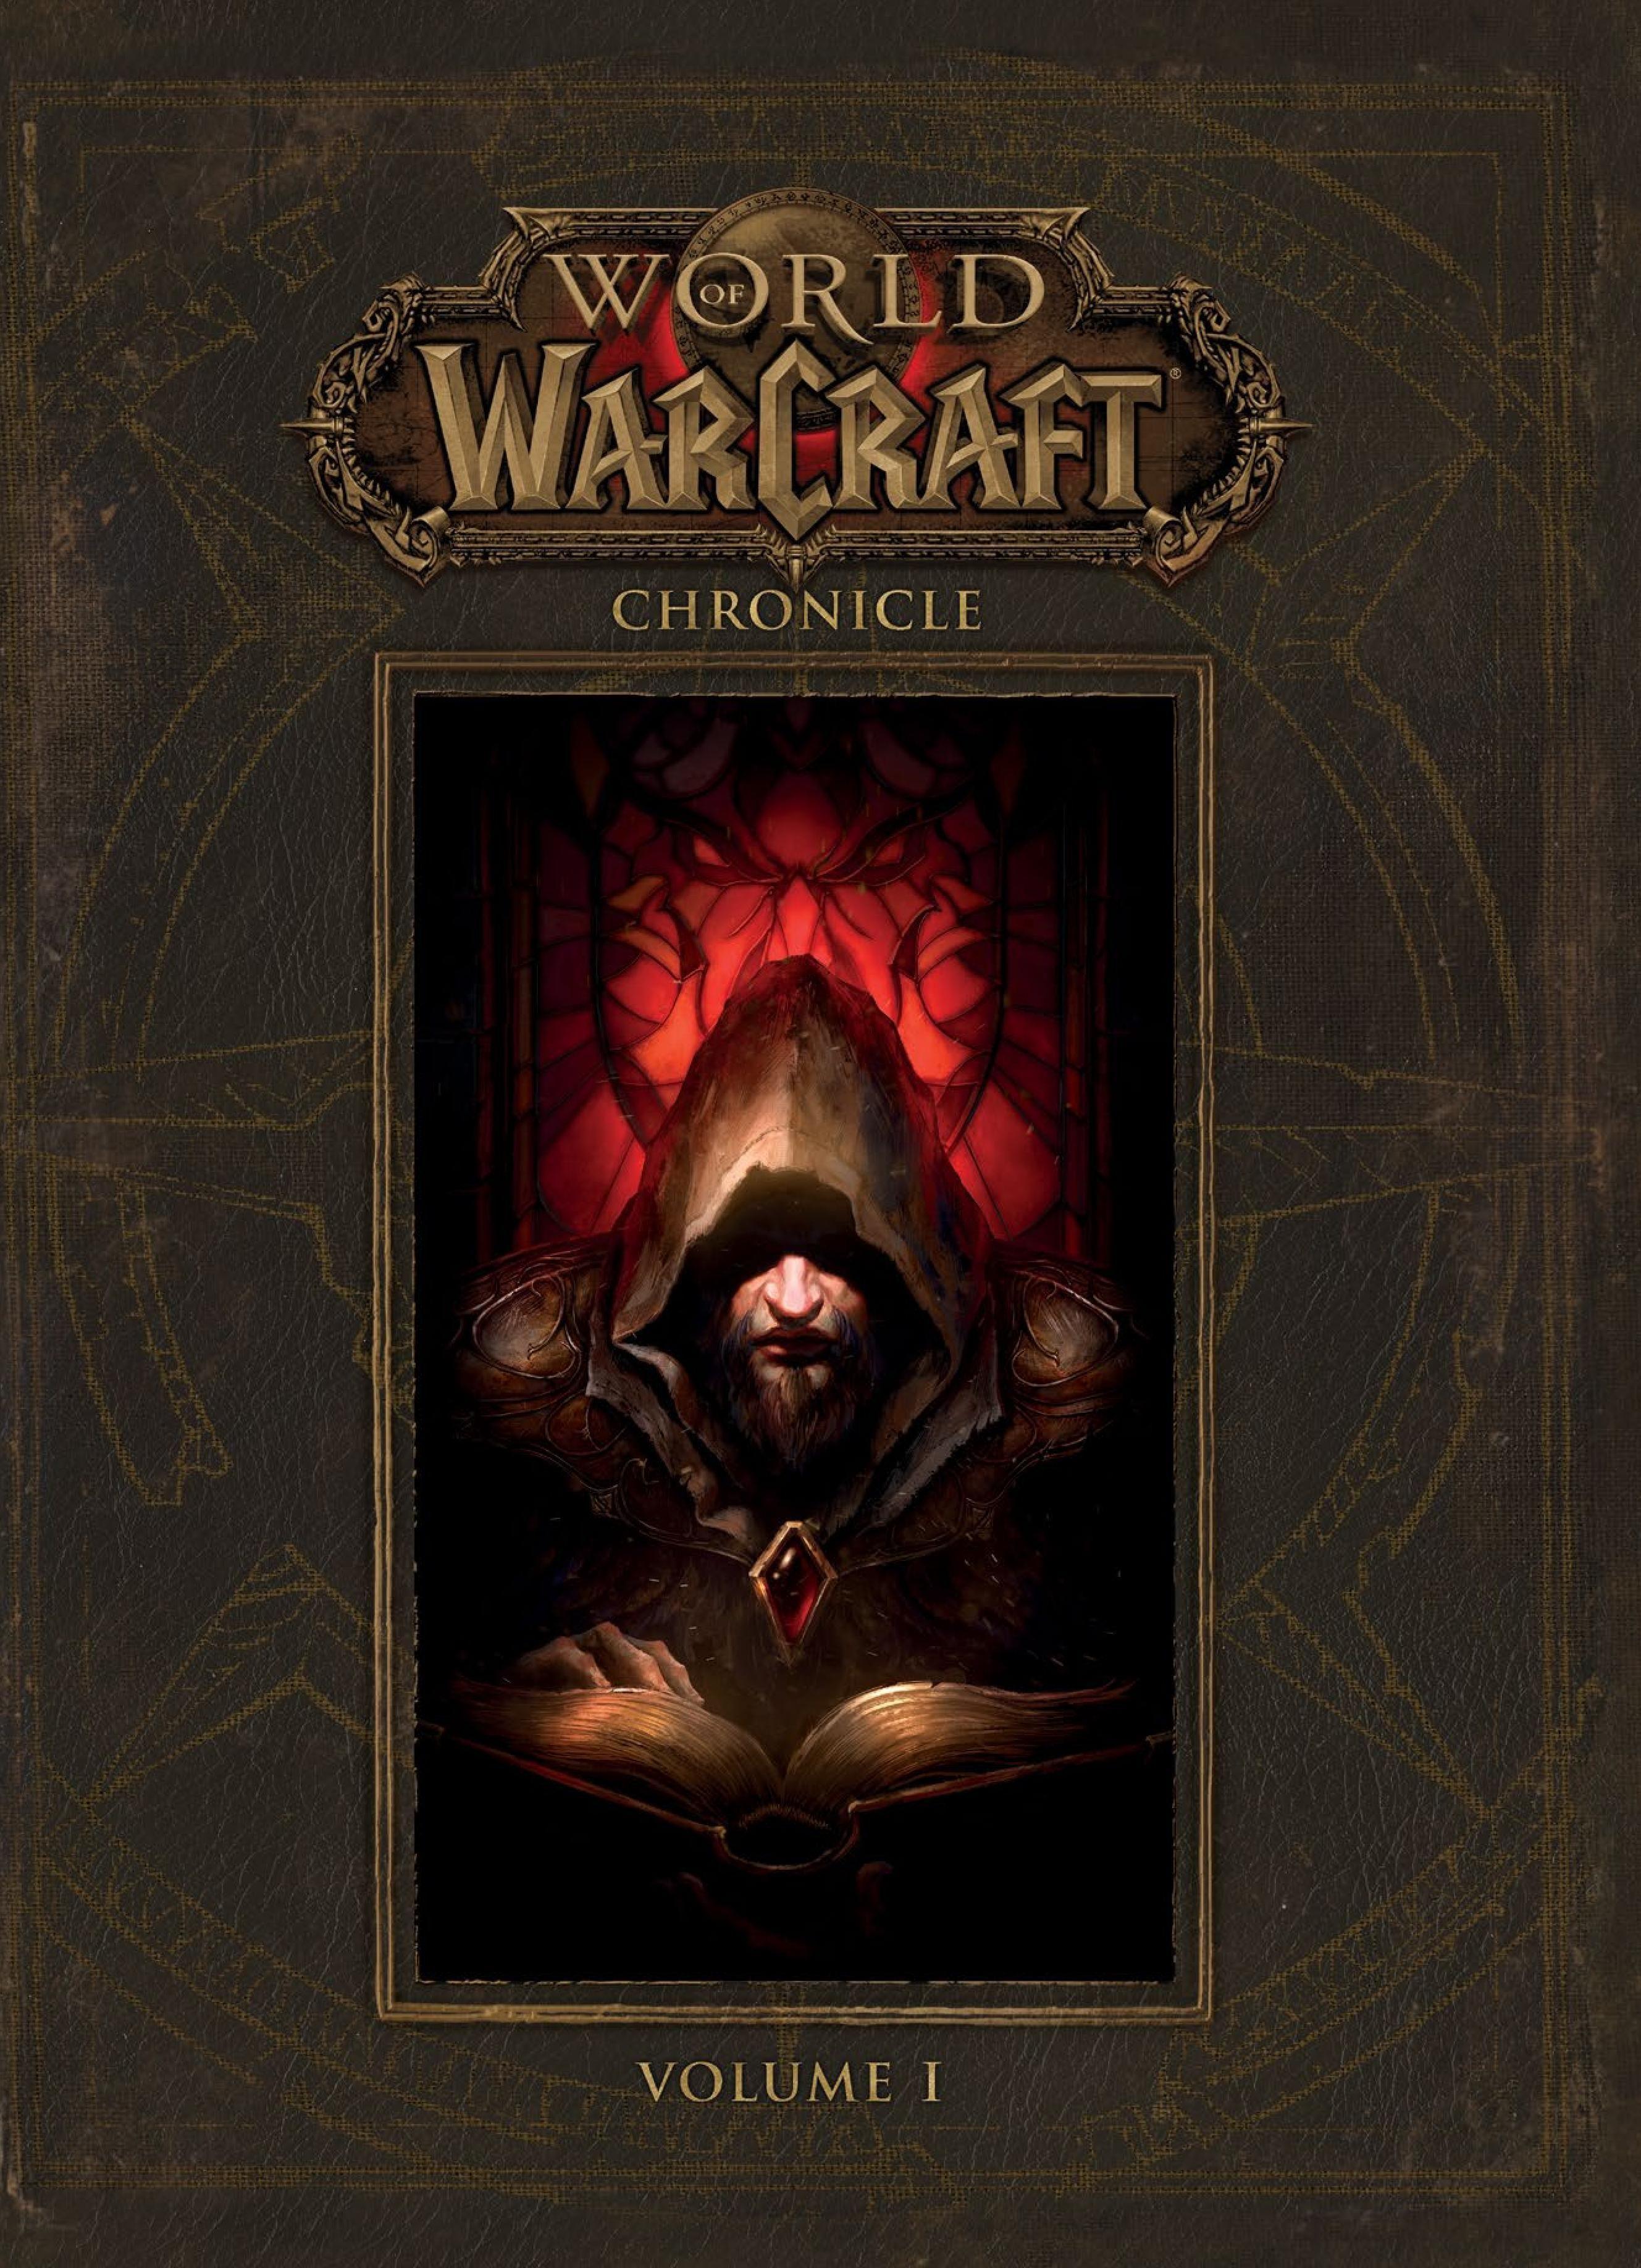 World of Warcraft Chronicle: Volume 1 - 7